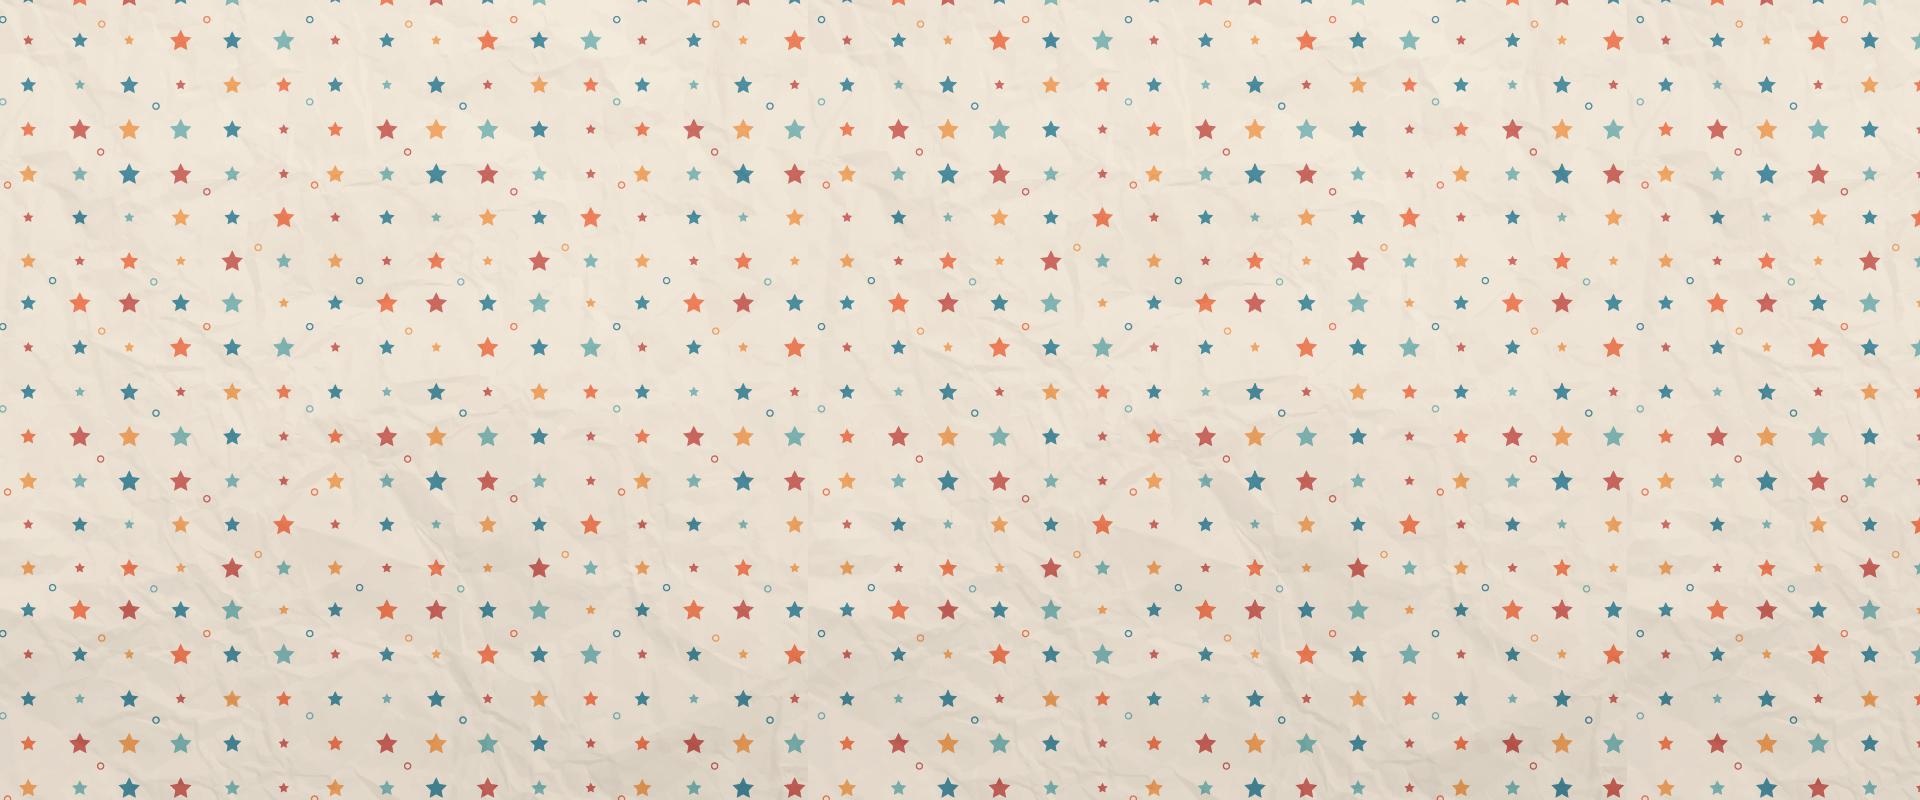 Fondo De Fiesta Diseño Decoracion Confeti Arte Patrón: Confeti Patron De Papel Wallpaper Background Textura